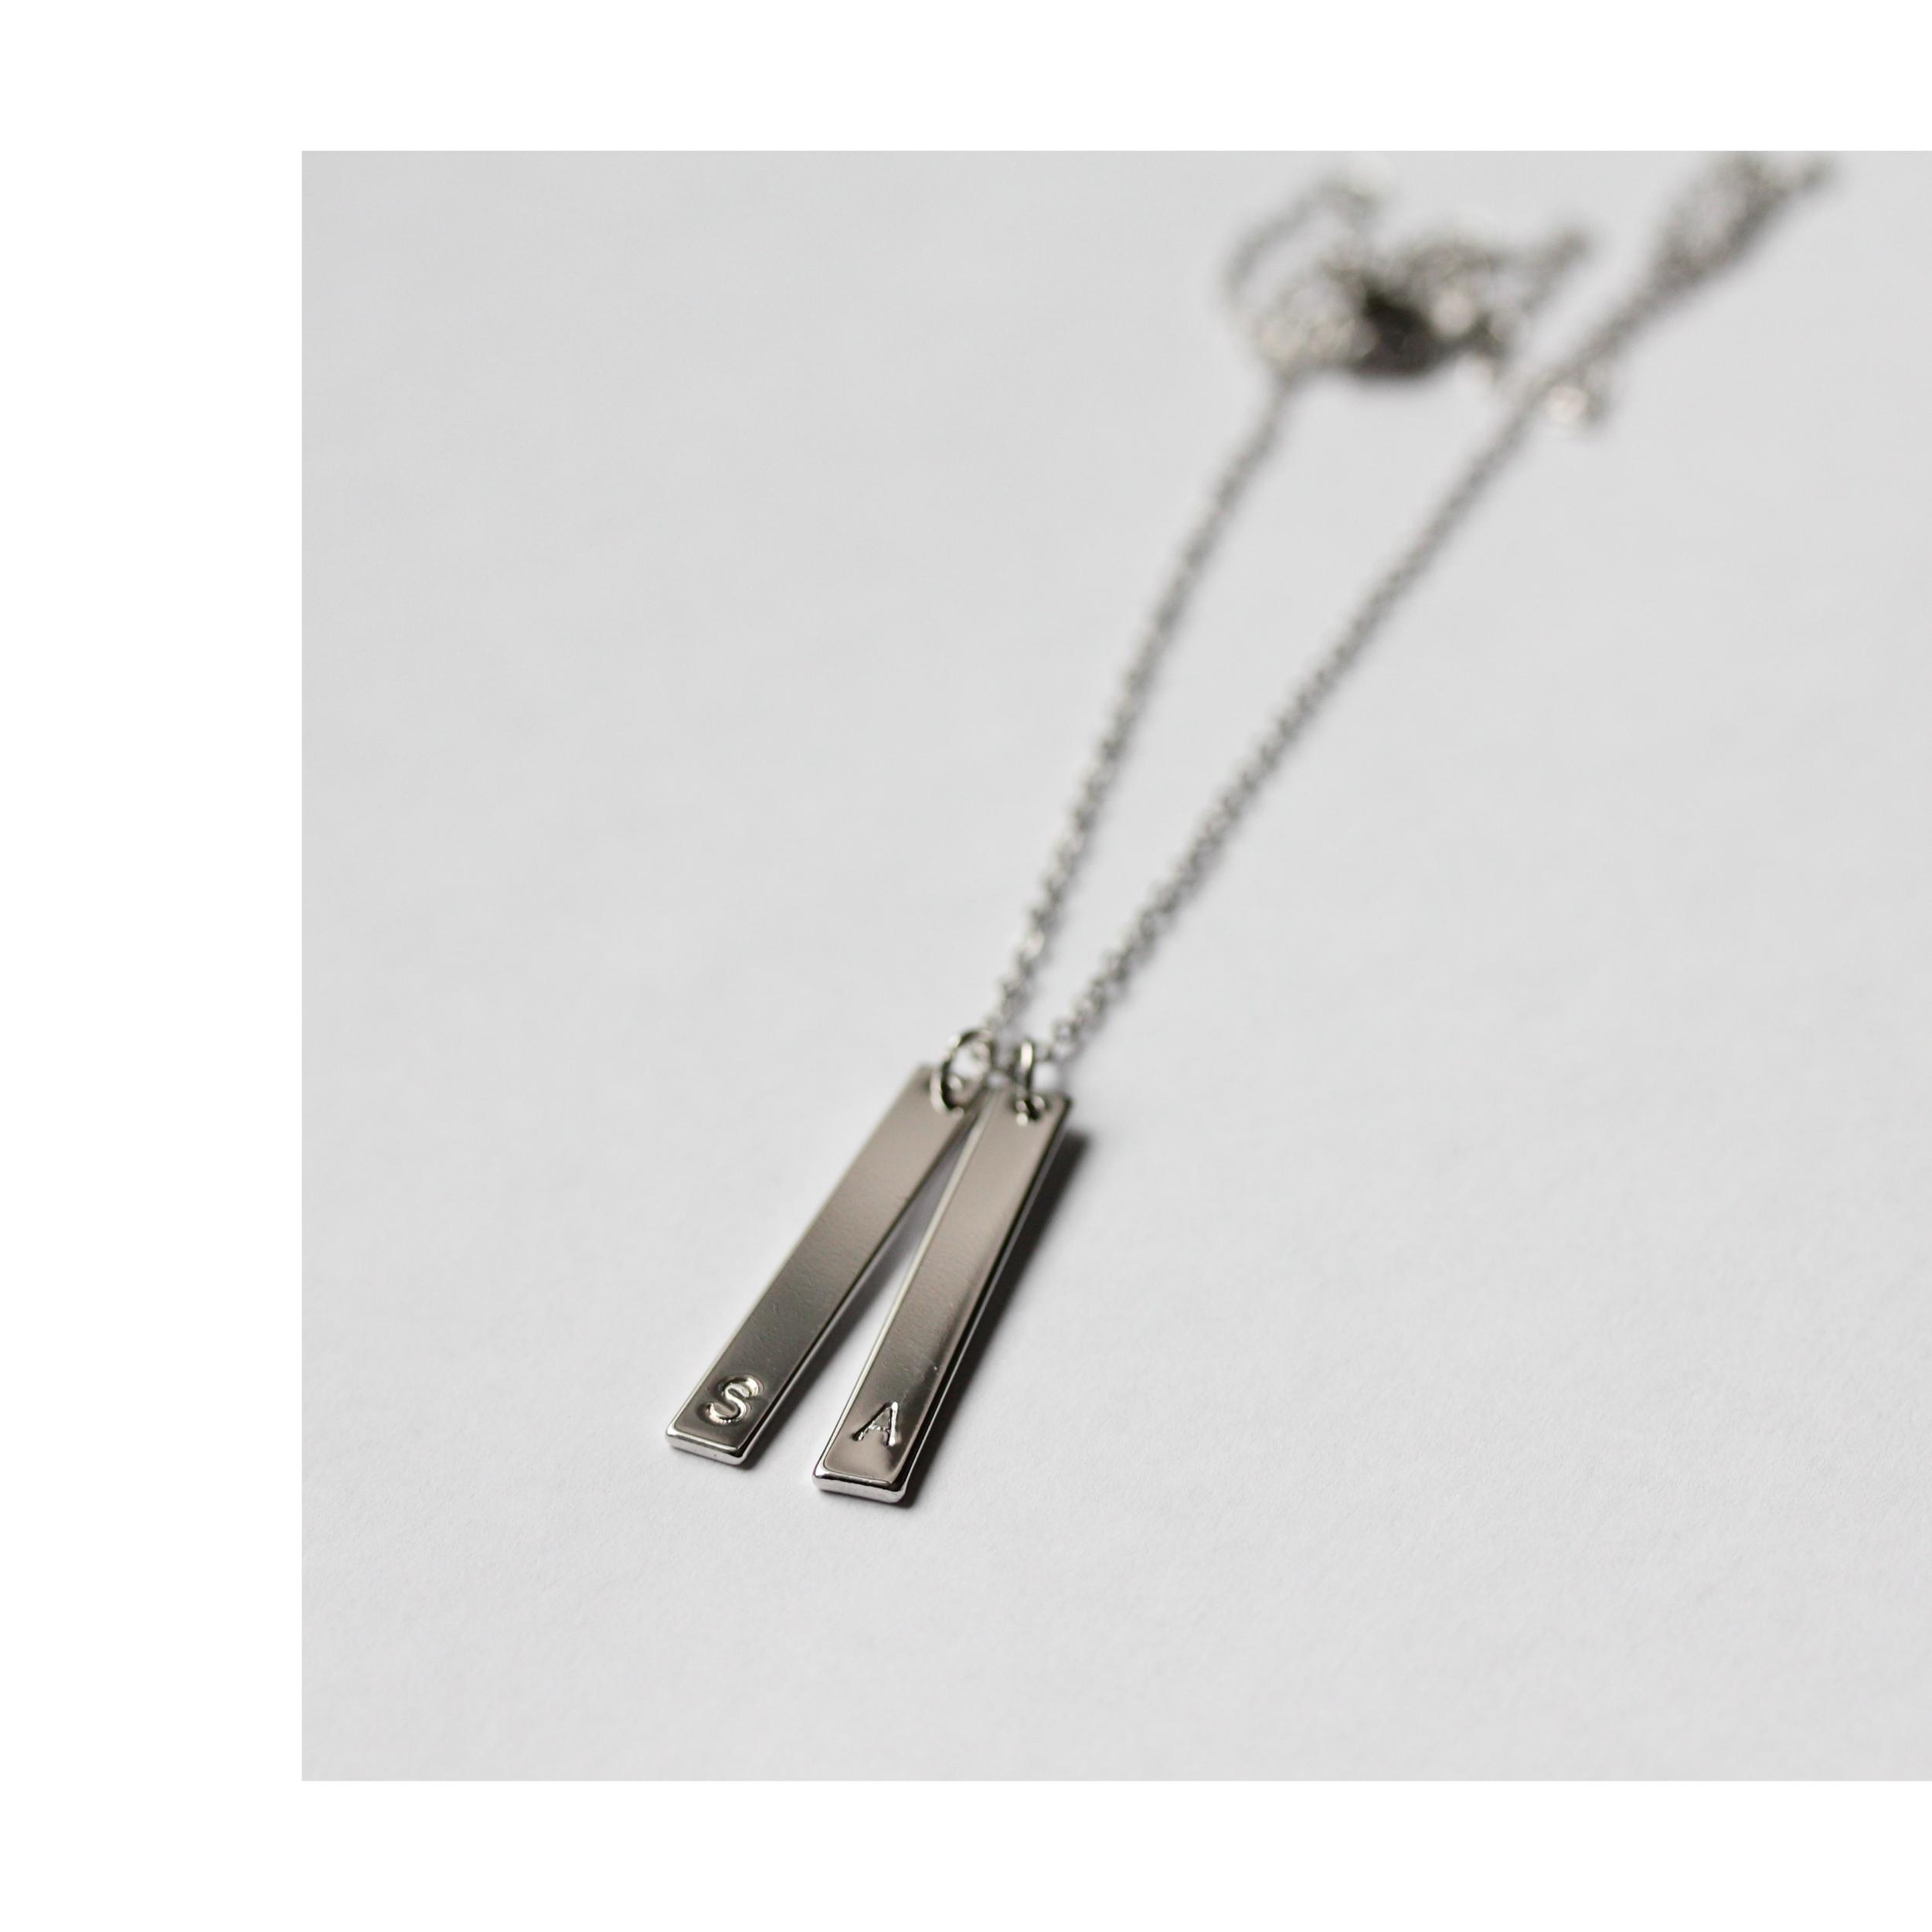 lange Silber Ketten mit Gravur Madeleine Issing